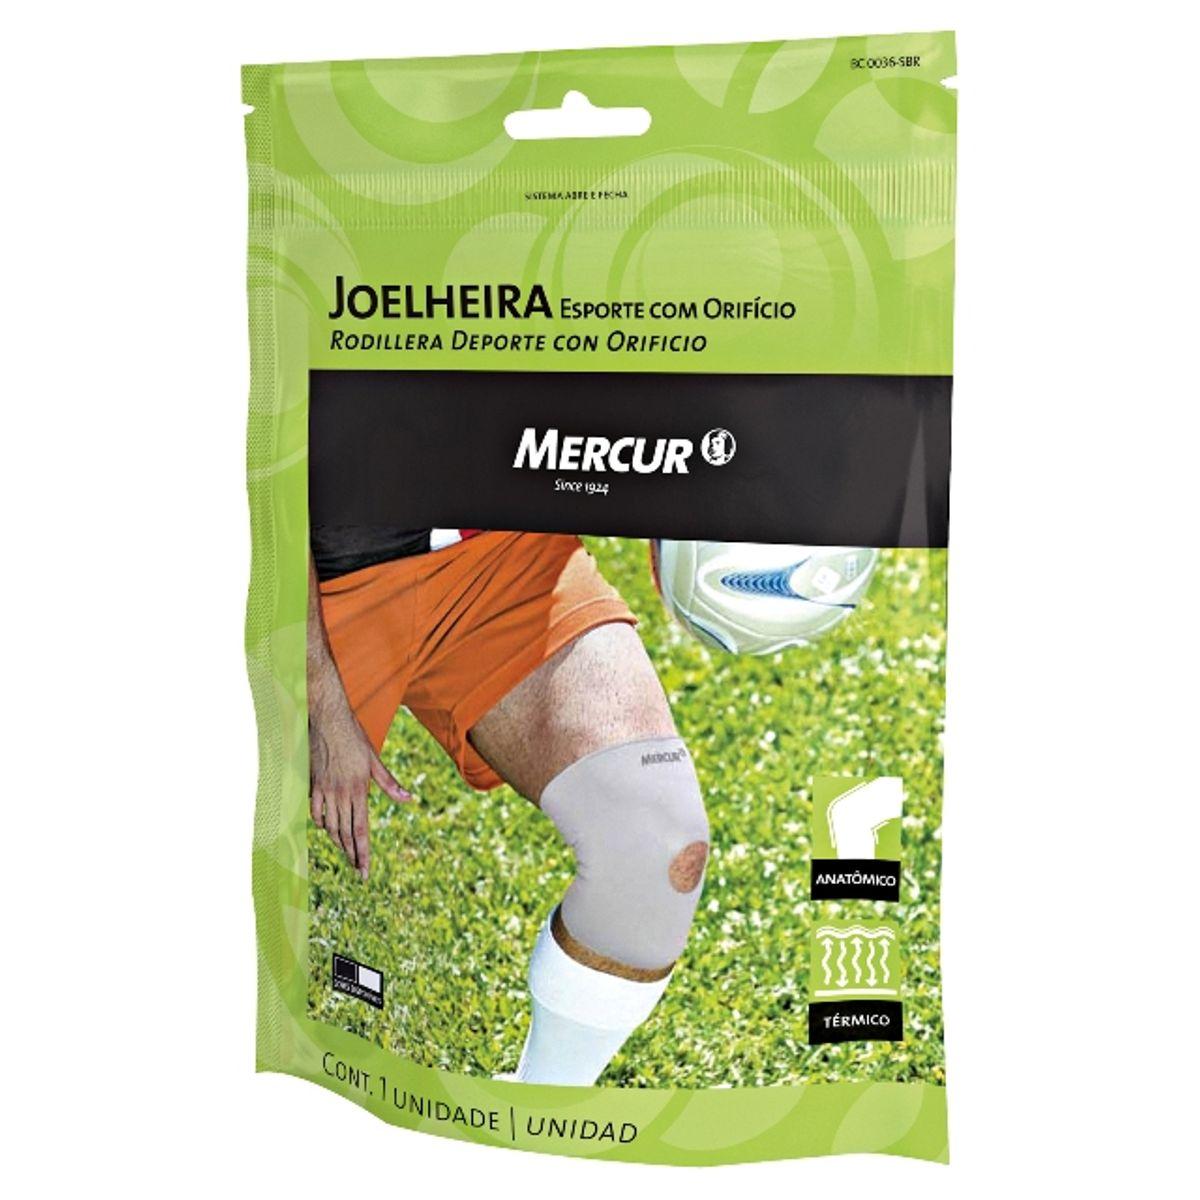 50ba2e173 Joelheira Mercur Sport Com Orifício Tamanho M - Farmacias Pague Menos